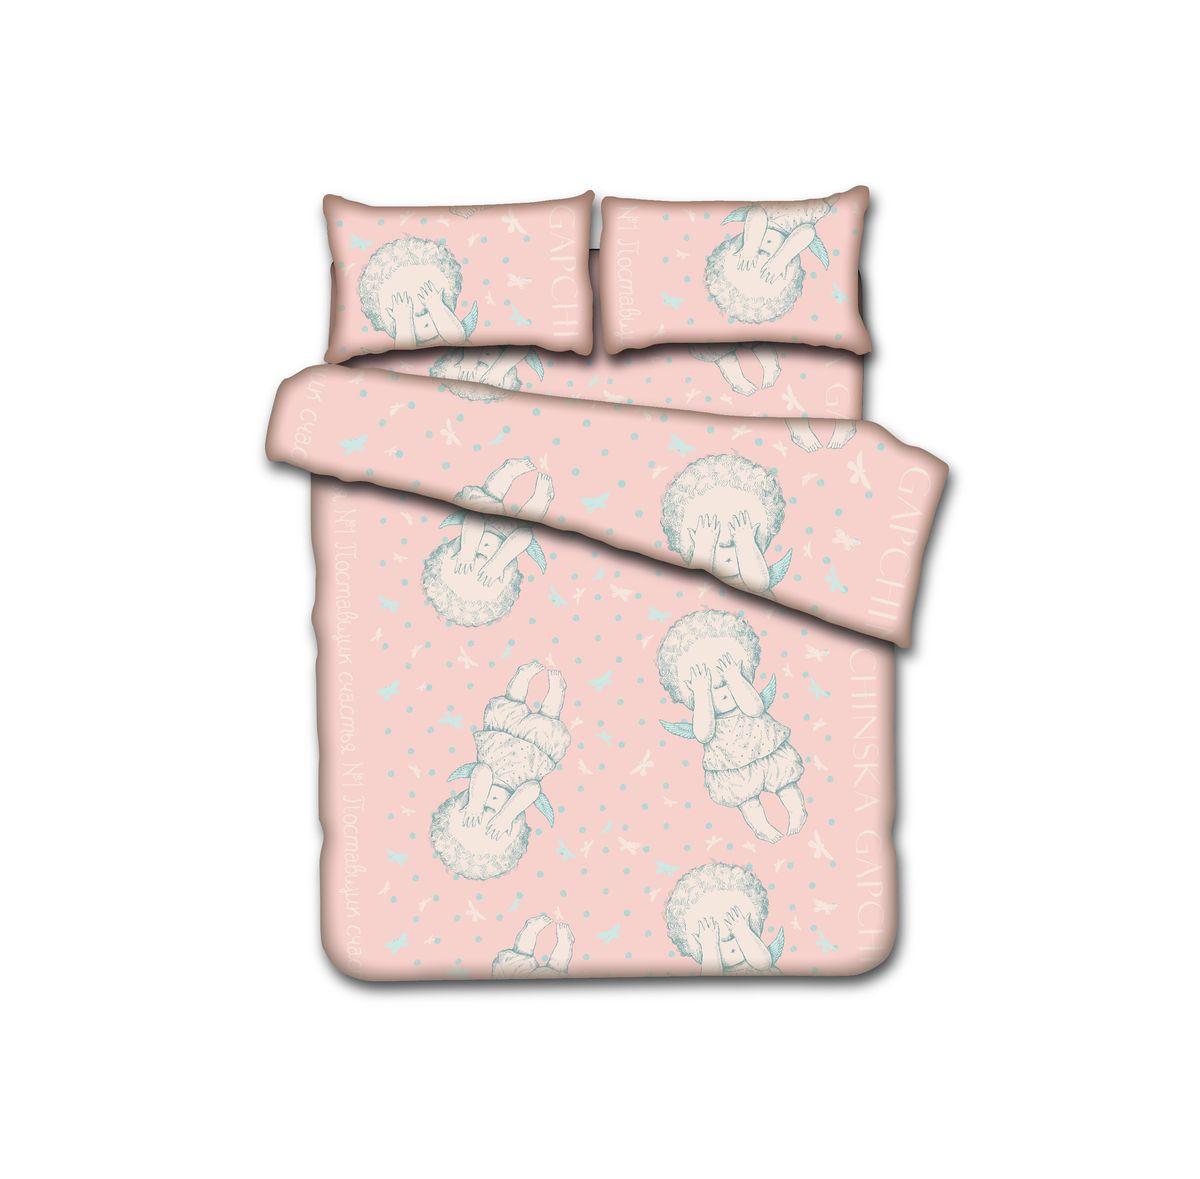 КПБ 1,5сп. GAPCHINSKA, 100% хлопок, диз. Бабочки в моей голове…, цвет - розовый (нав. 70х70см-2шт)БК1,5/Г-БП/70Комплект постельного белья GAPCHINSKA является великолепным подарком с эксклюзивным дизайном от Евгении Гапчинской. В ее рисунки влюблен весь мир, их стиль уникален. Белье выполнено из натурального хлопка.